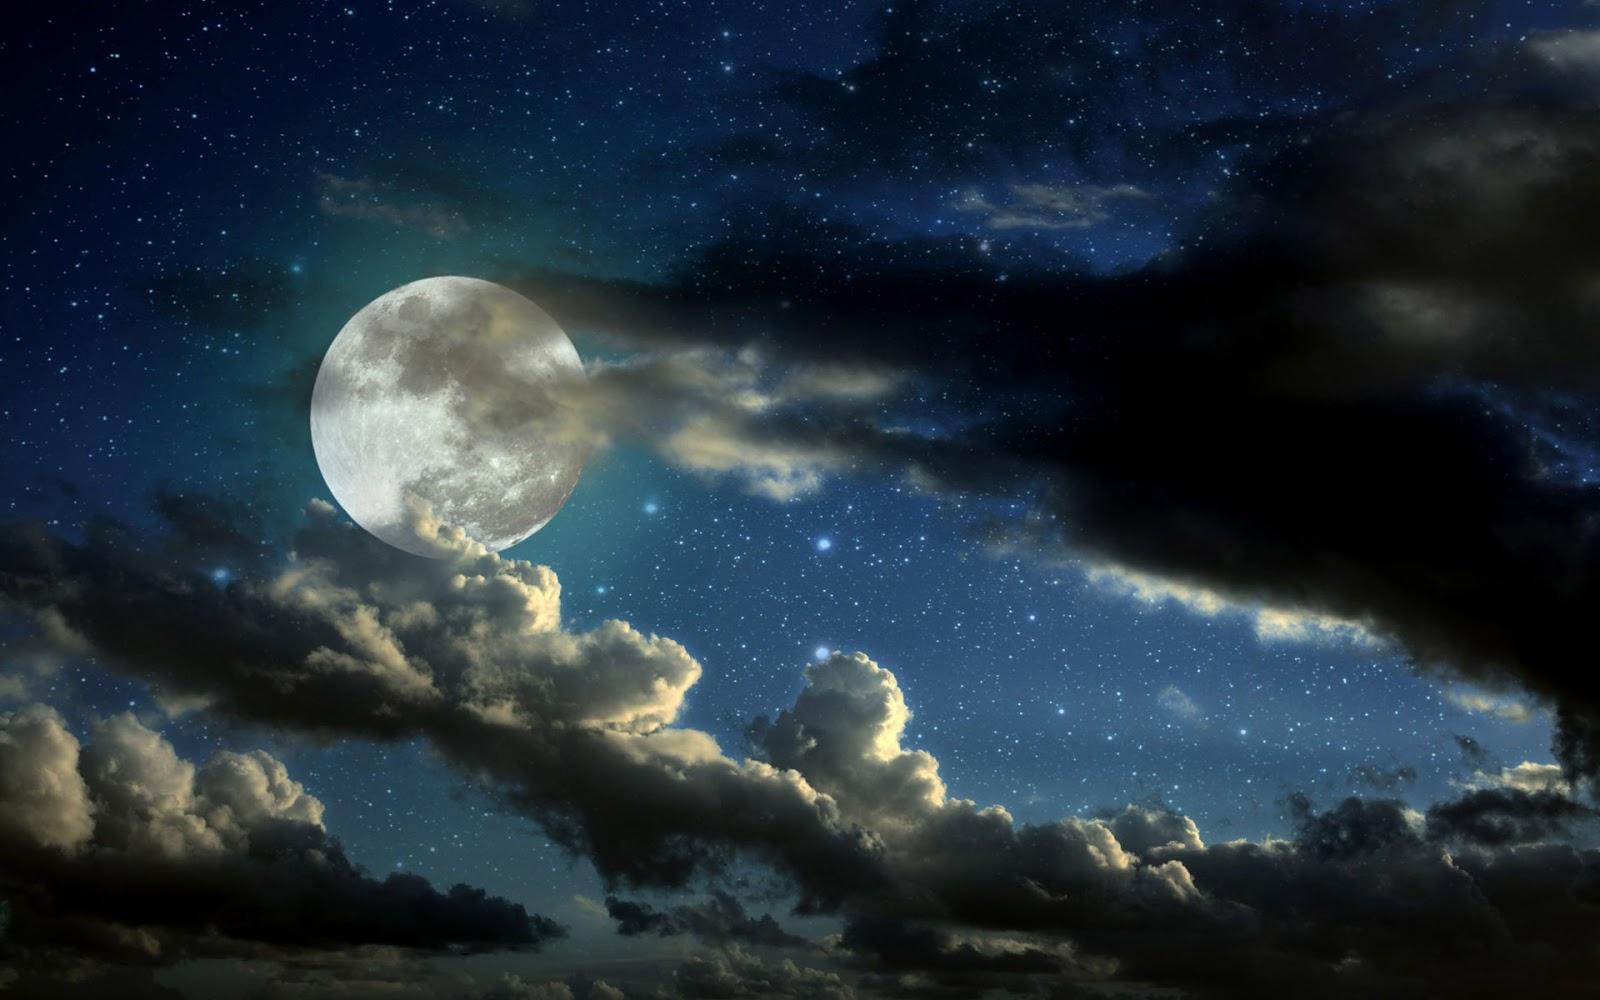 Hình ảnh chỉ mang tính chất minh họa, tối nay, 20/4/2015 bạn sẽ không thấy được Mặt Trăng, không phải thấy được trăng tròn như trong hình.